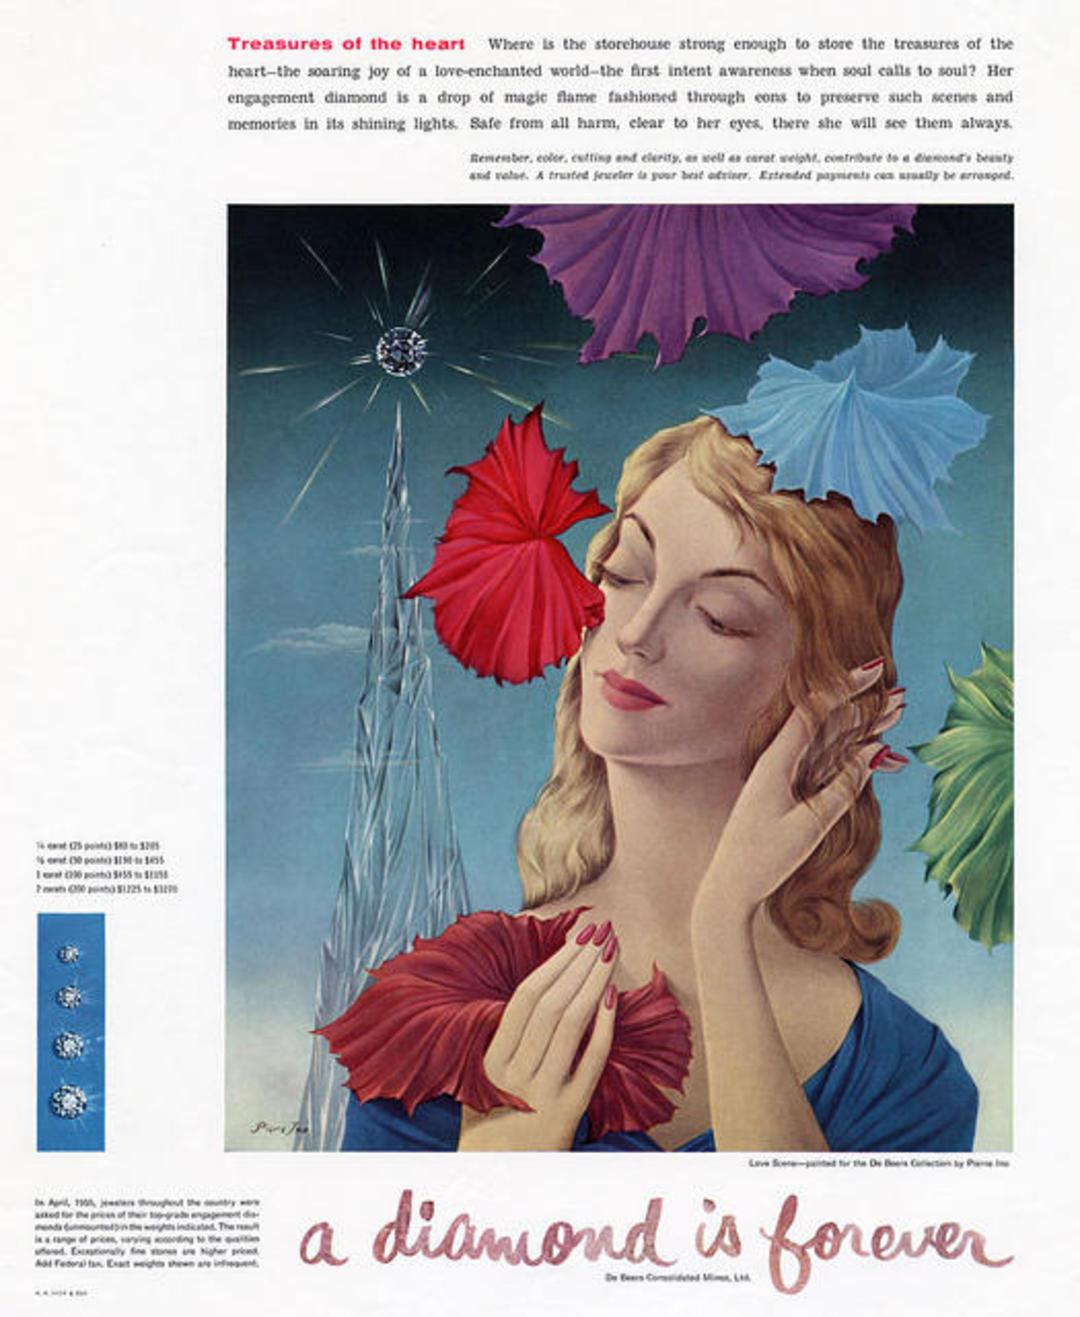 """70年过去,那个关于""""钻石恒久远""""的故事为什么行不通了?_时尚_好奇心日报"""